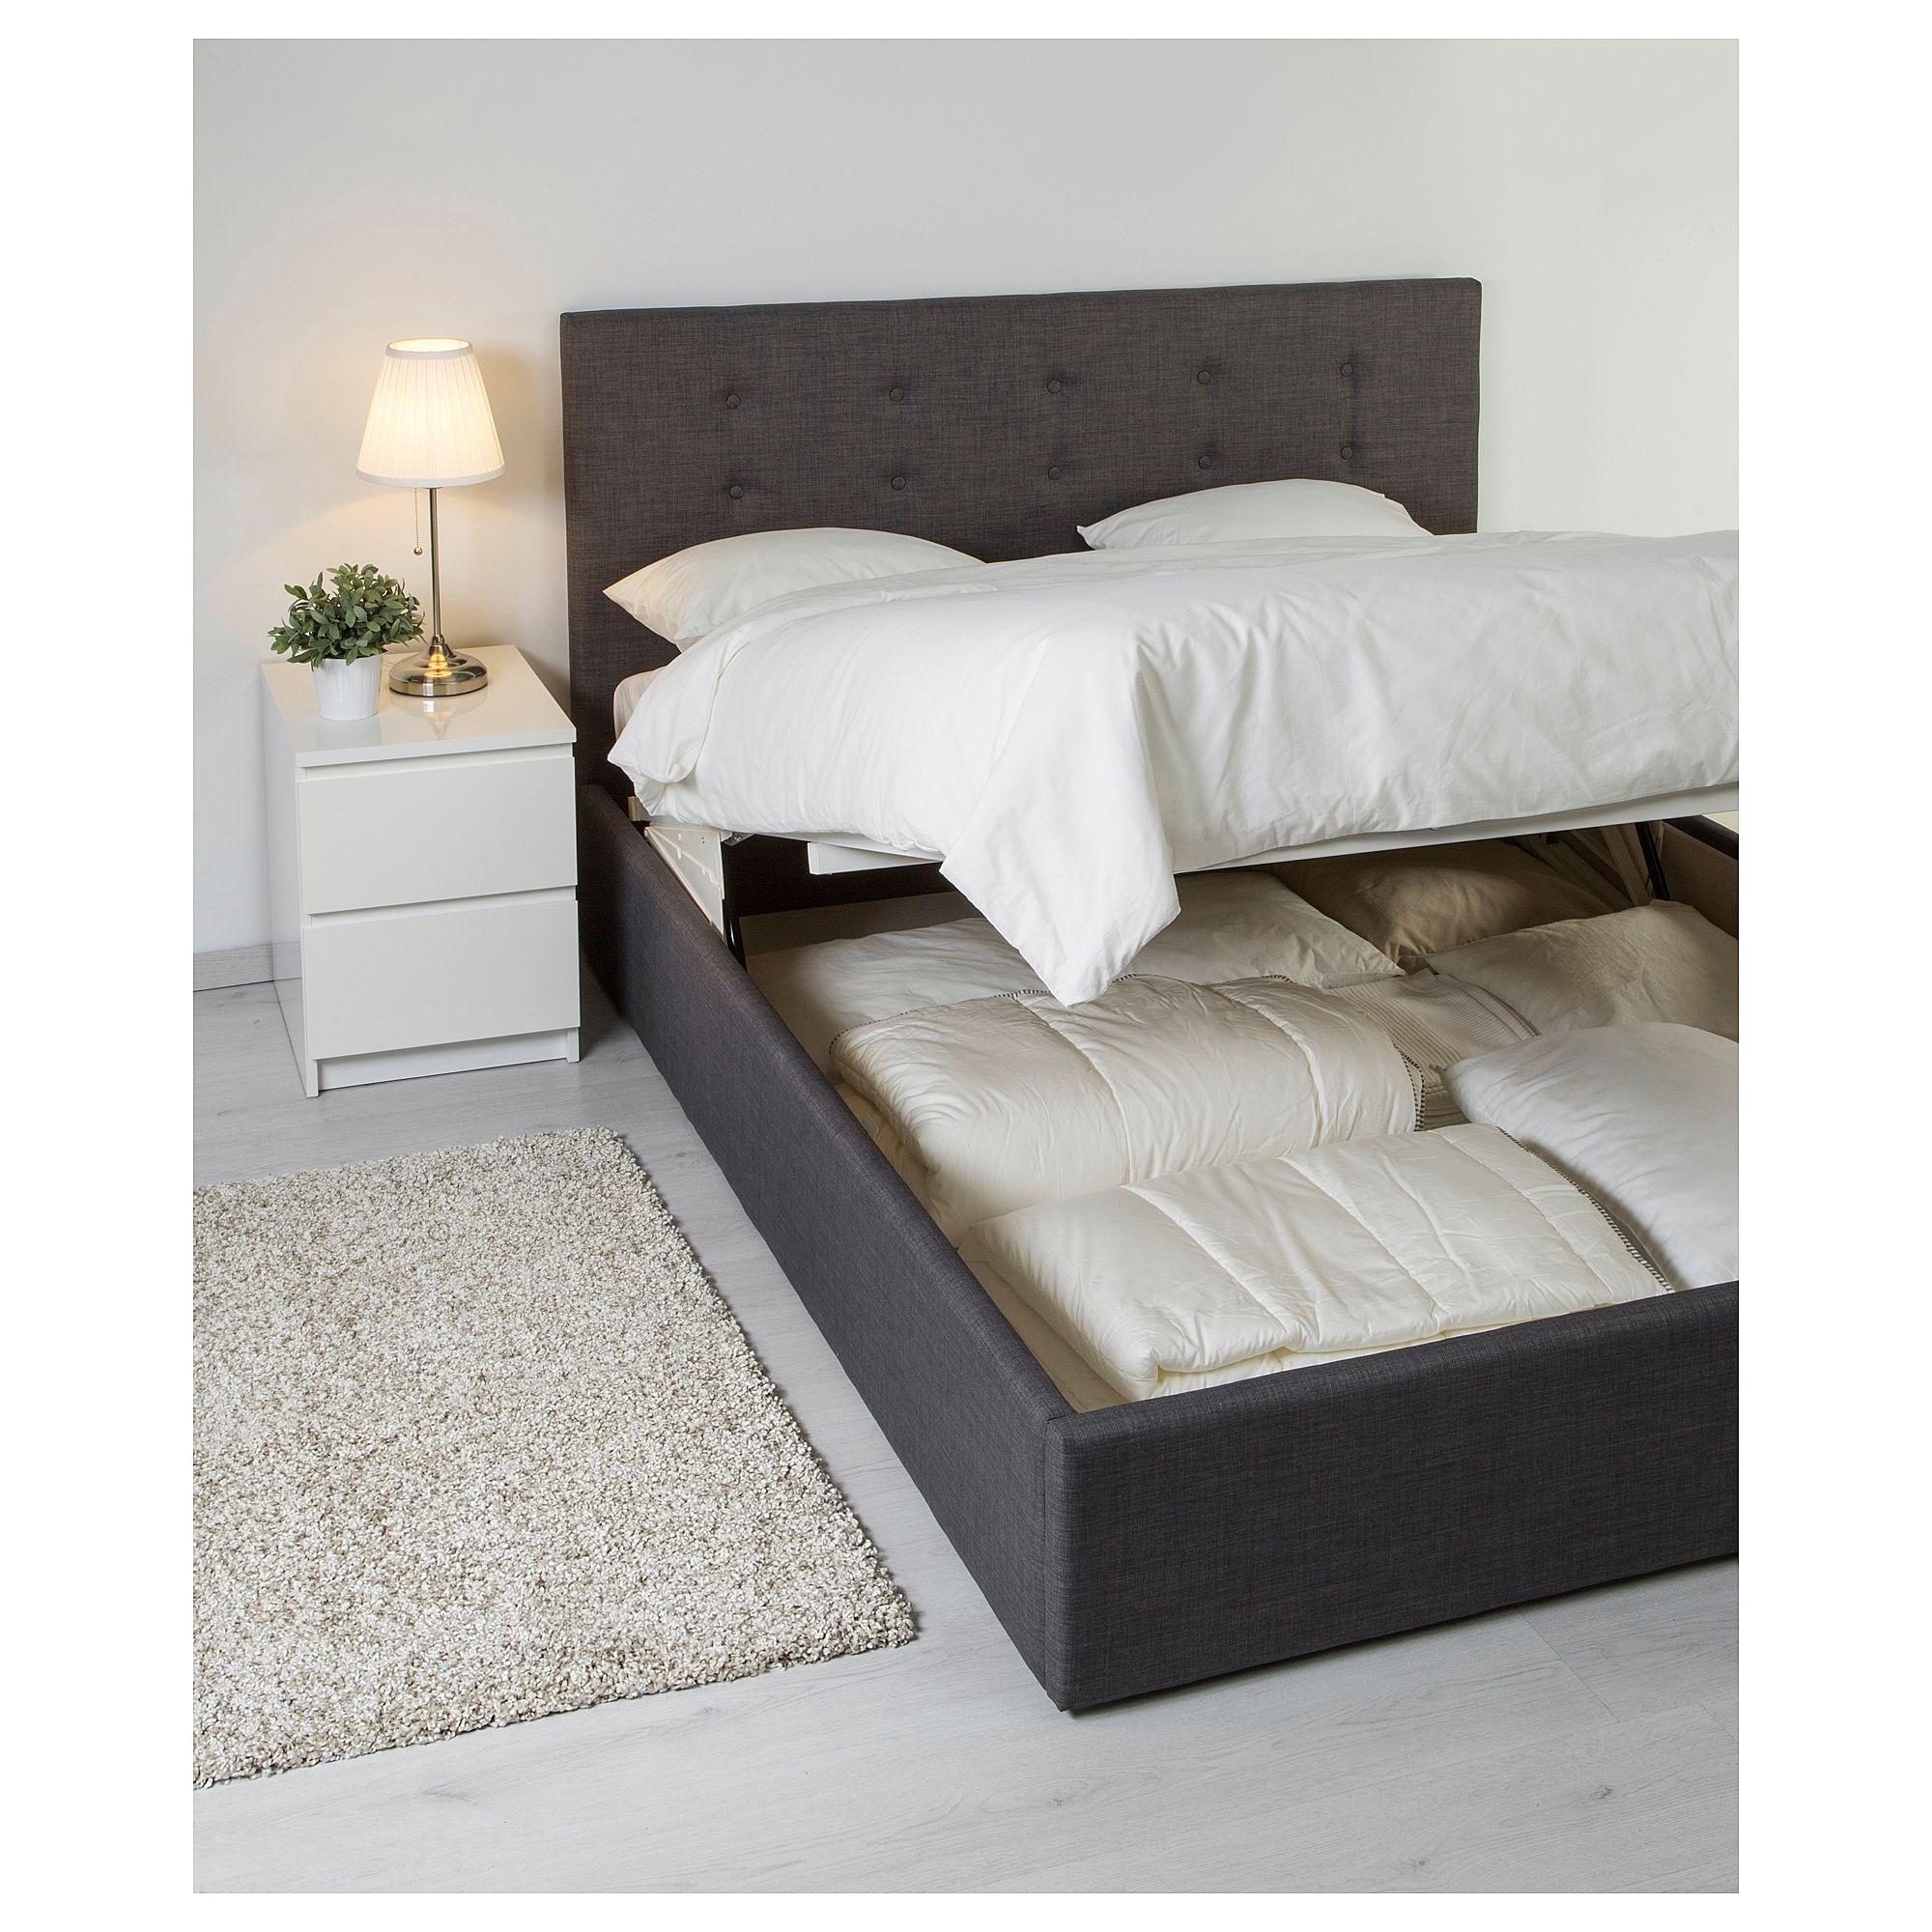 Mobel Einrichtungsideen Fur Dein Zuhause Bettgestell Bett Mit